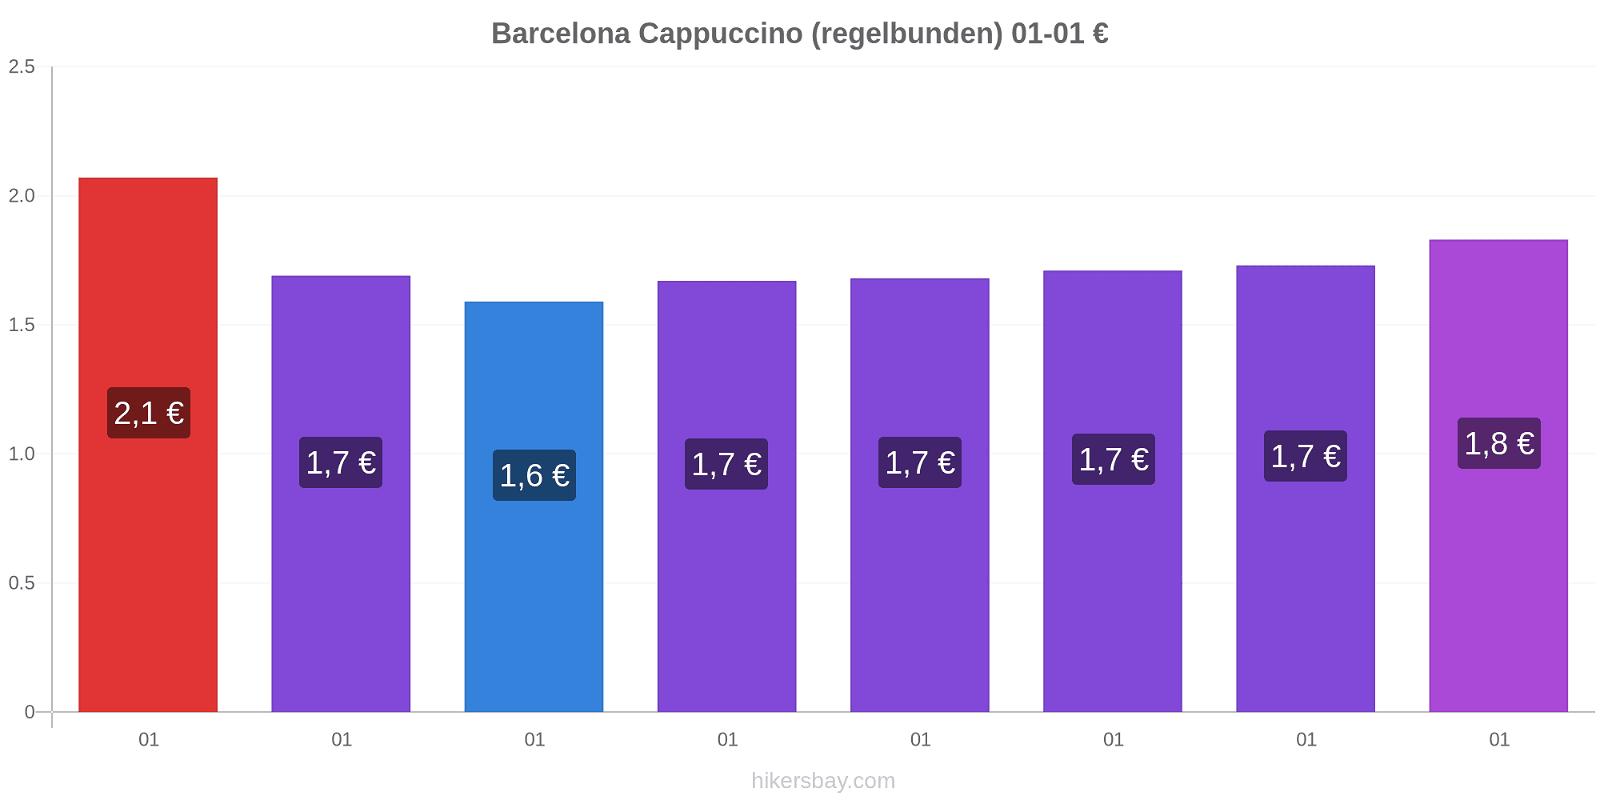 Barcelona prisförändringar Cappuccino (regelbunden) hikersbay.com